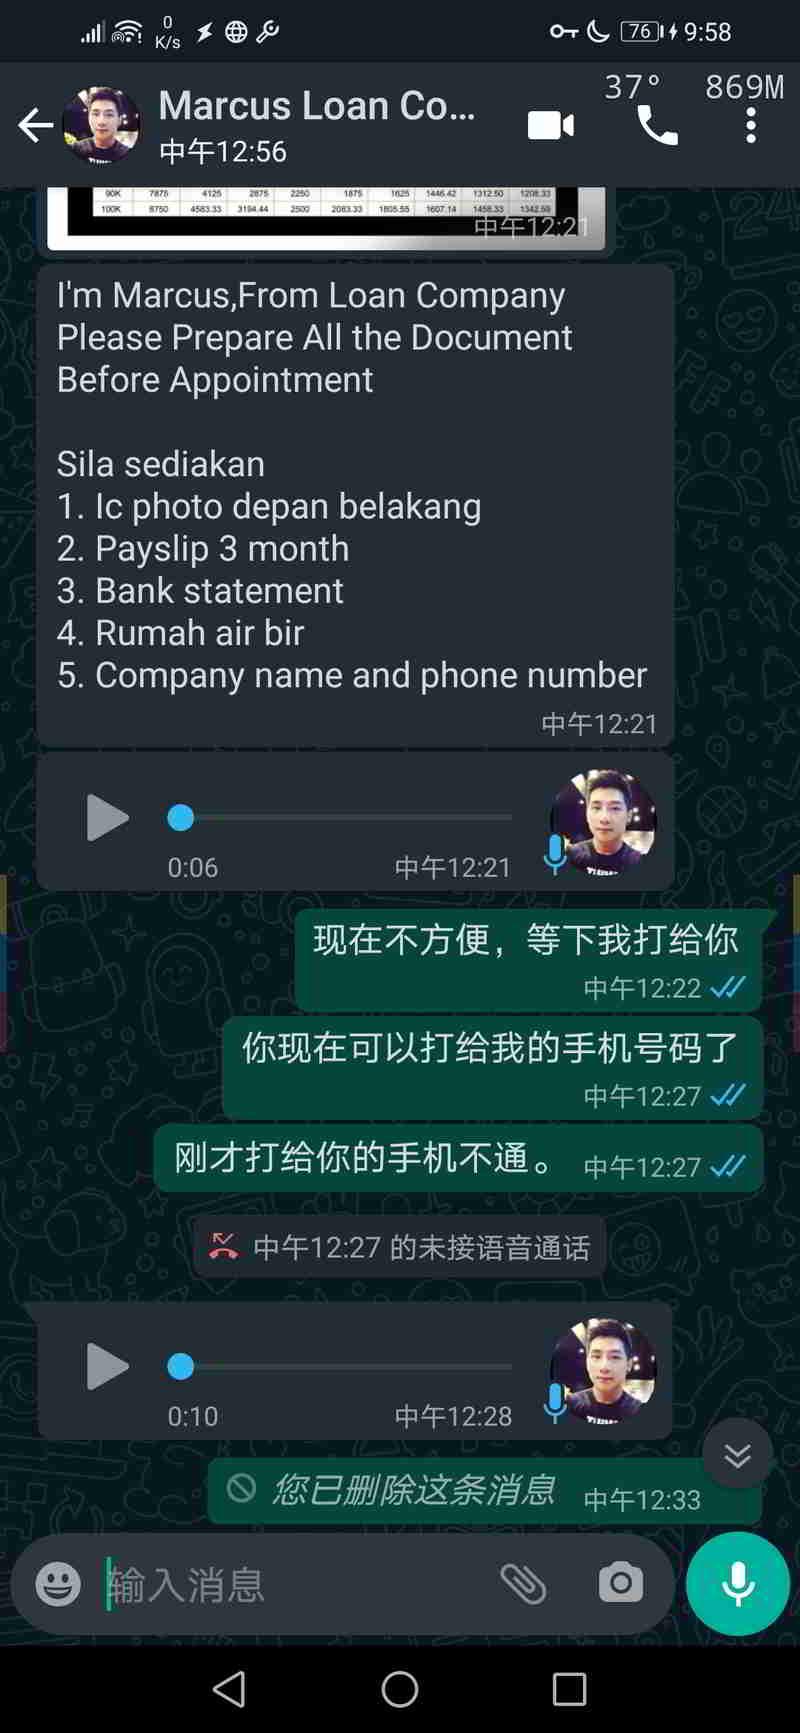 马来西亚合法贷款骗子Marcus